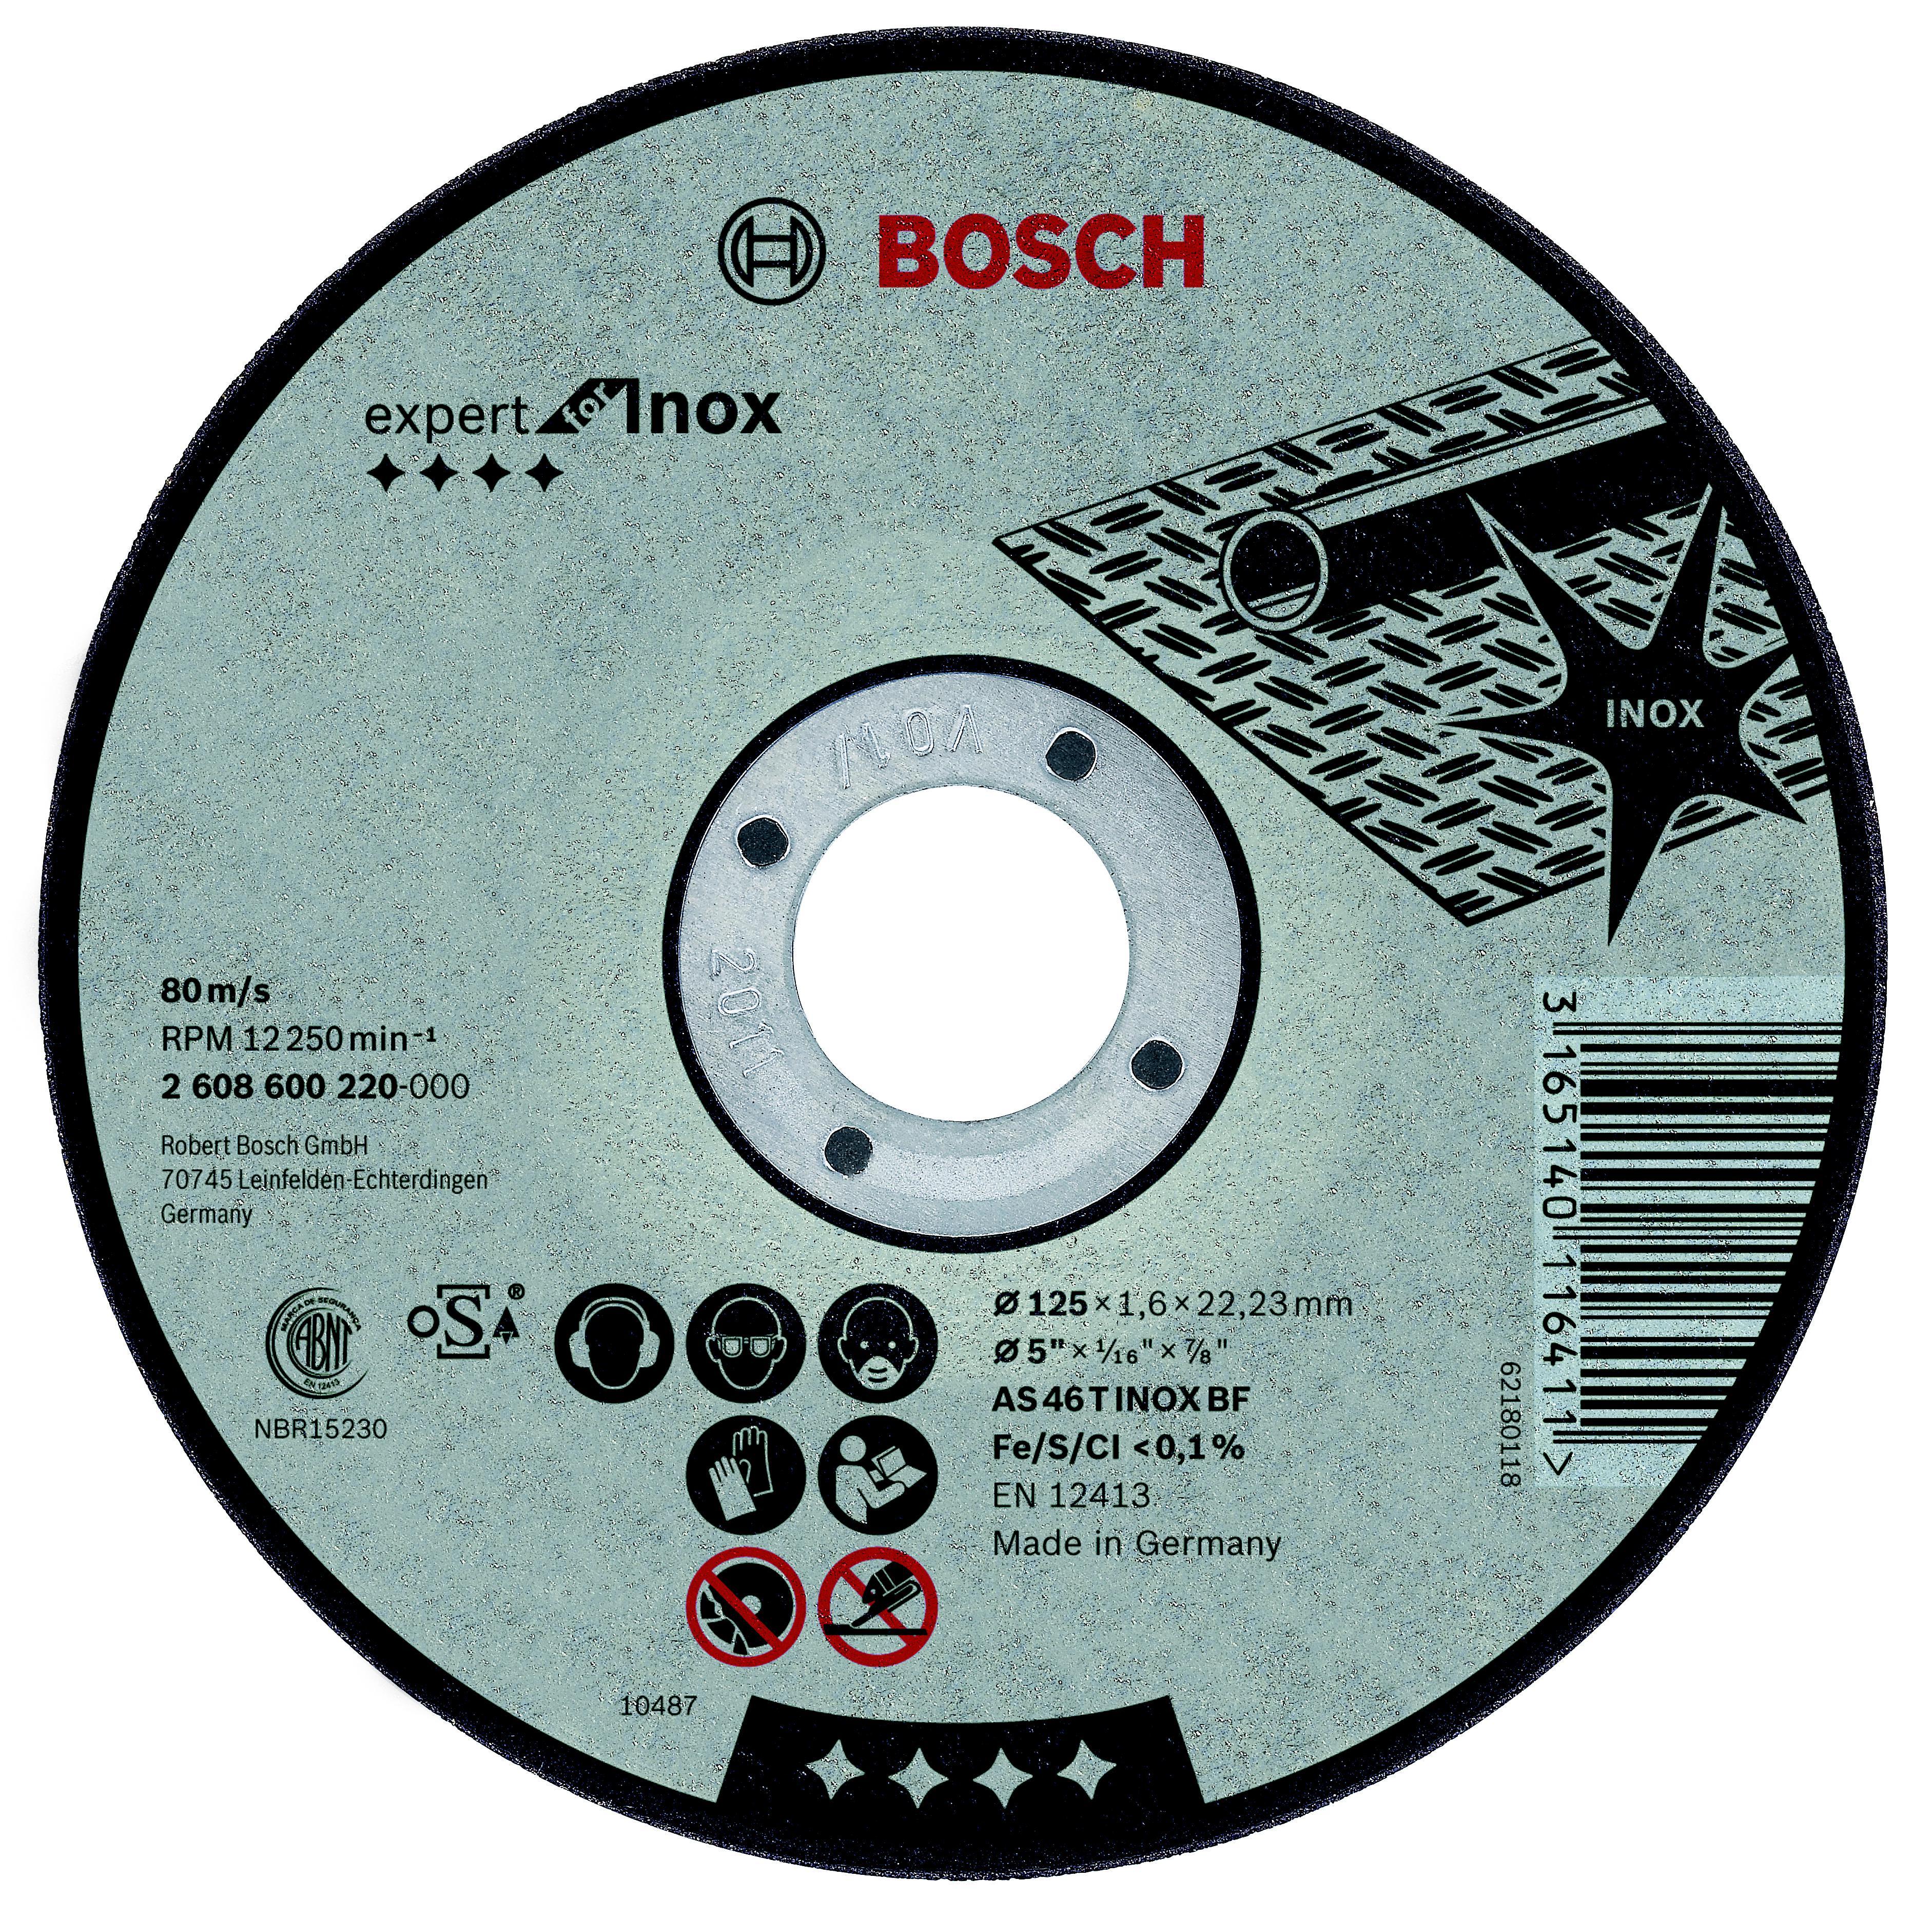 Круг отрезной Bosch 180х2х22 expert for inox (2.608.600.095) круг отрезной bosch bosch 3 in 1 115x2 5x22 по нерж 2 608 602 388